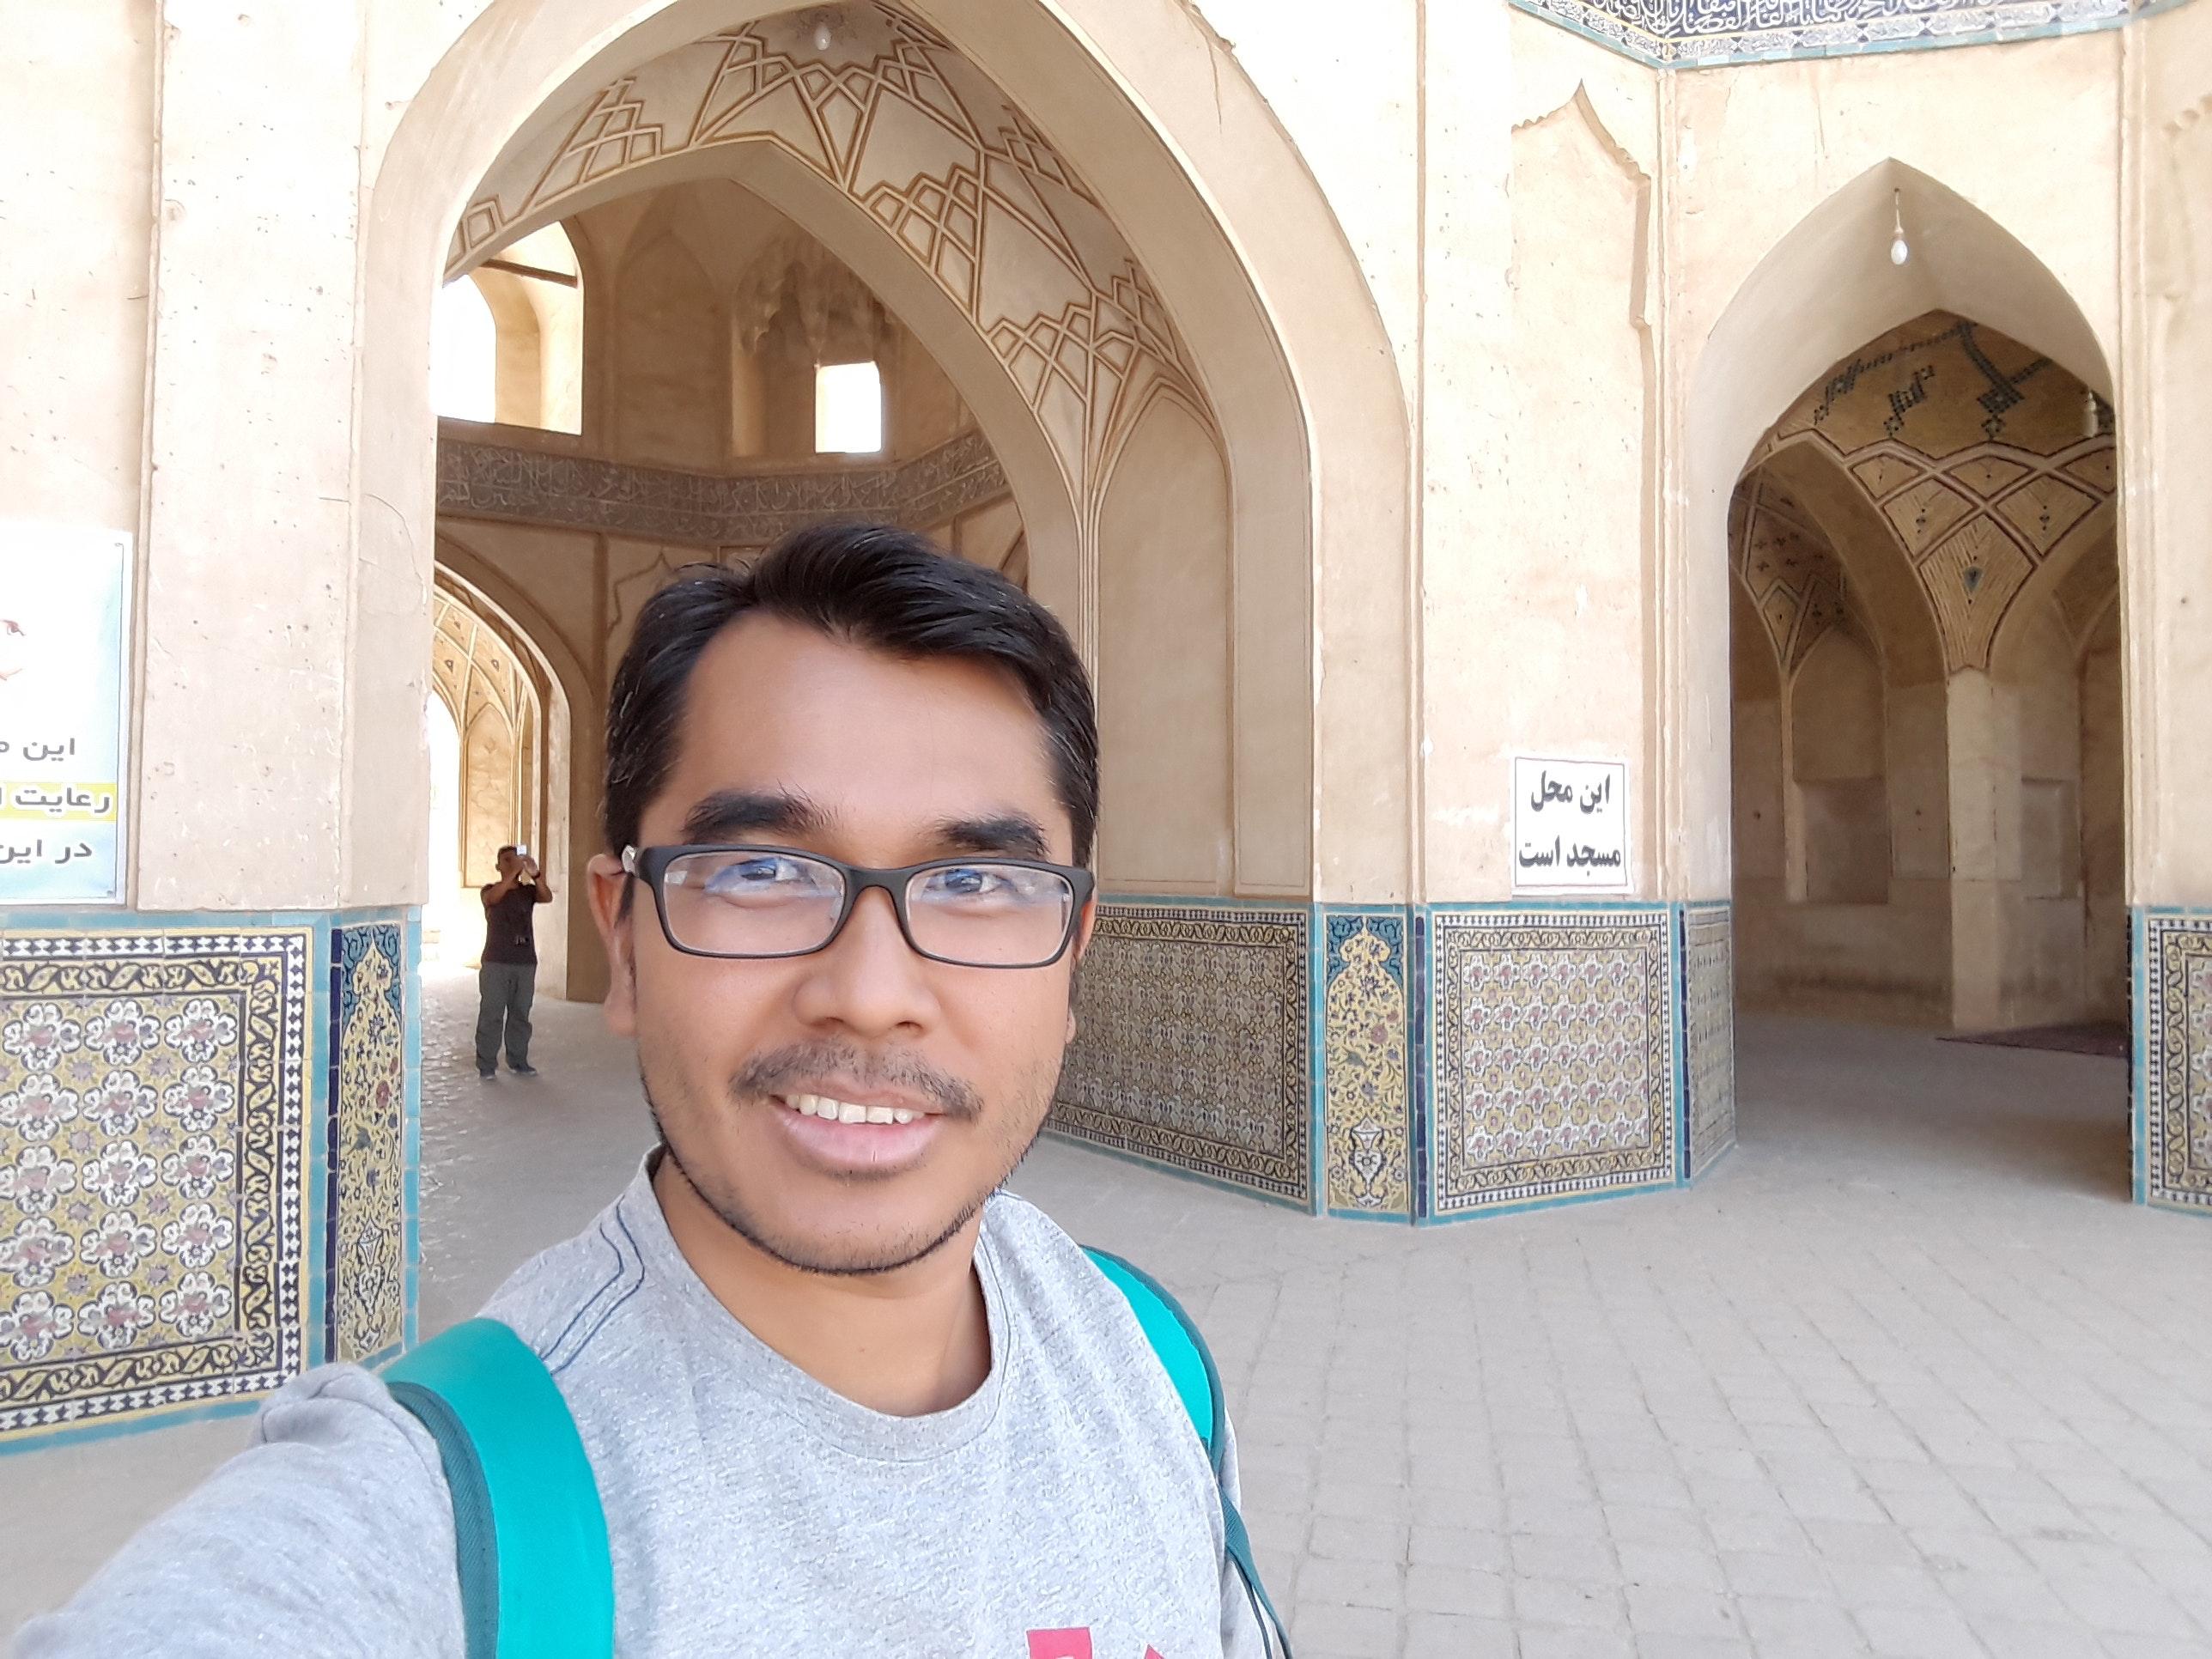 Mahadir Hanafiah